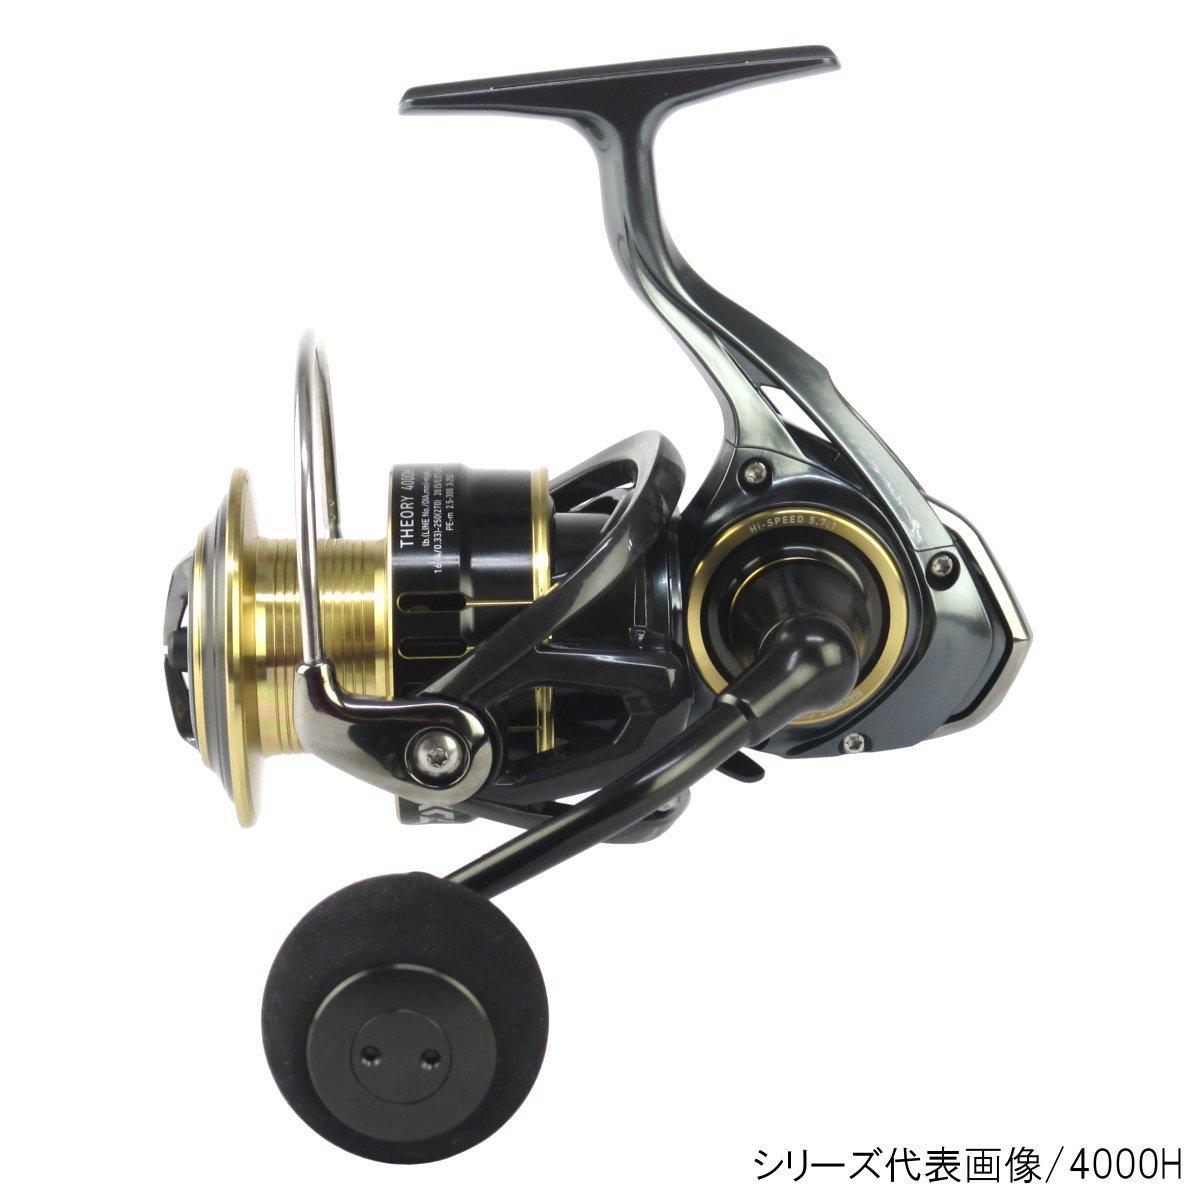 ダイワ セオリー 3500PE-H(東日本店)